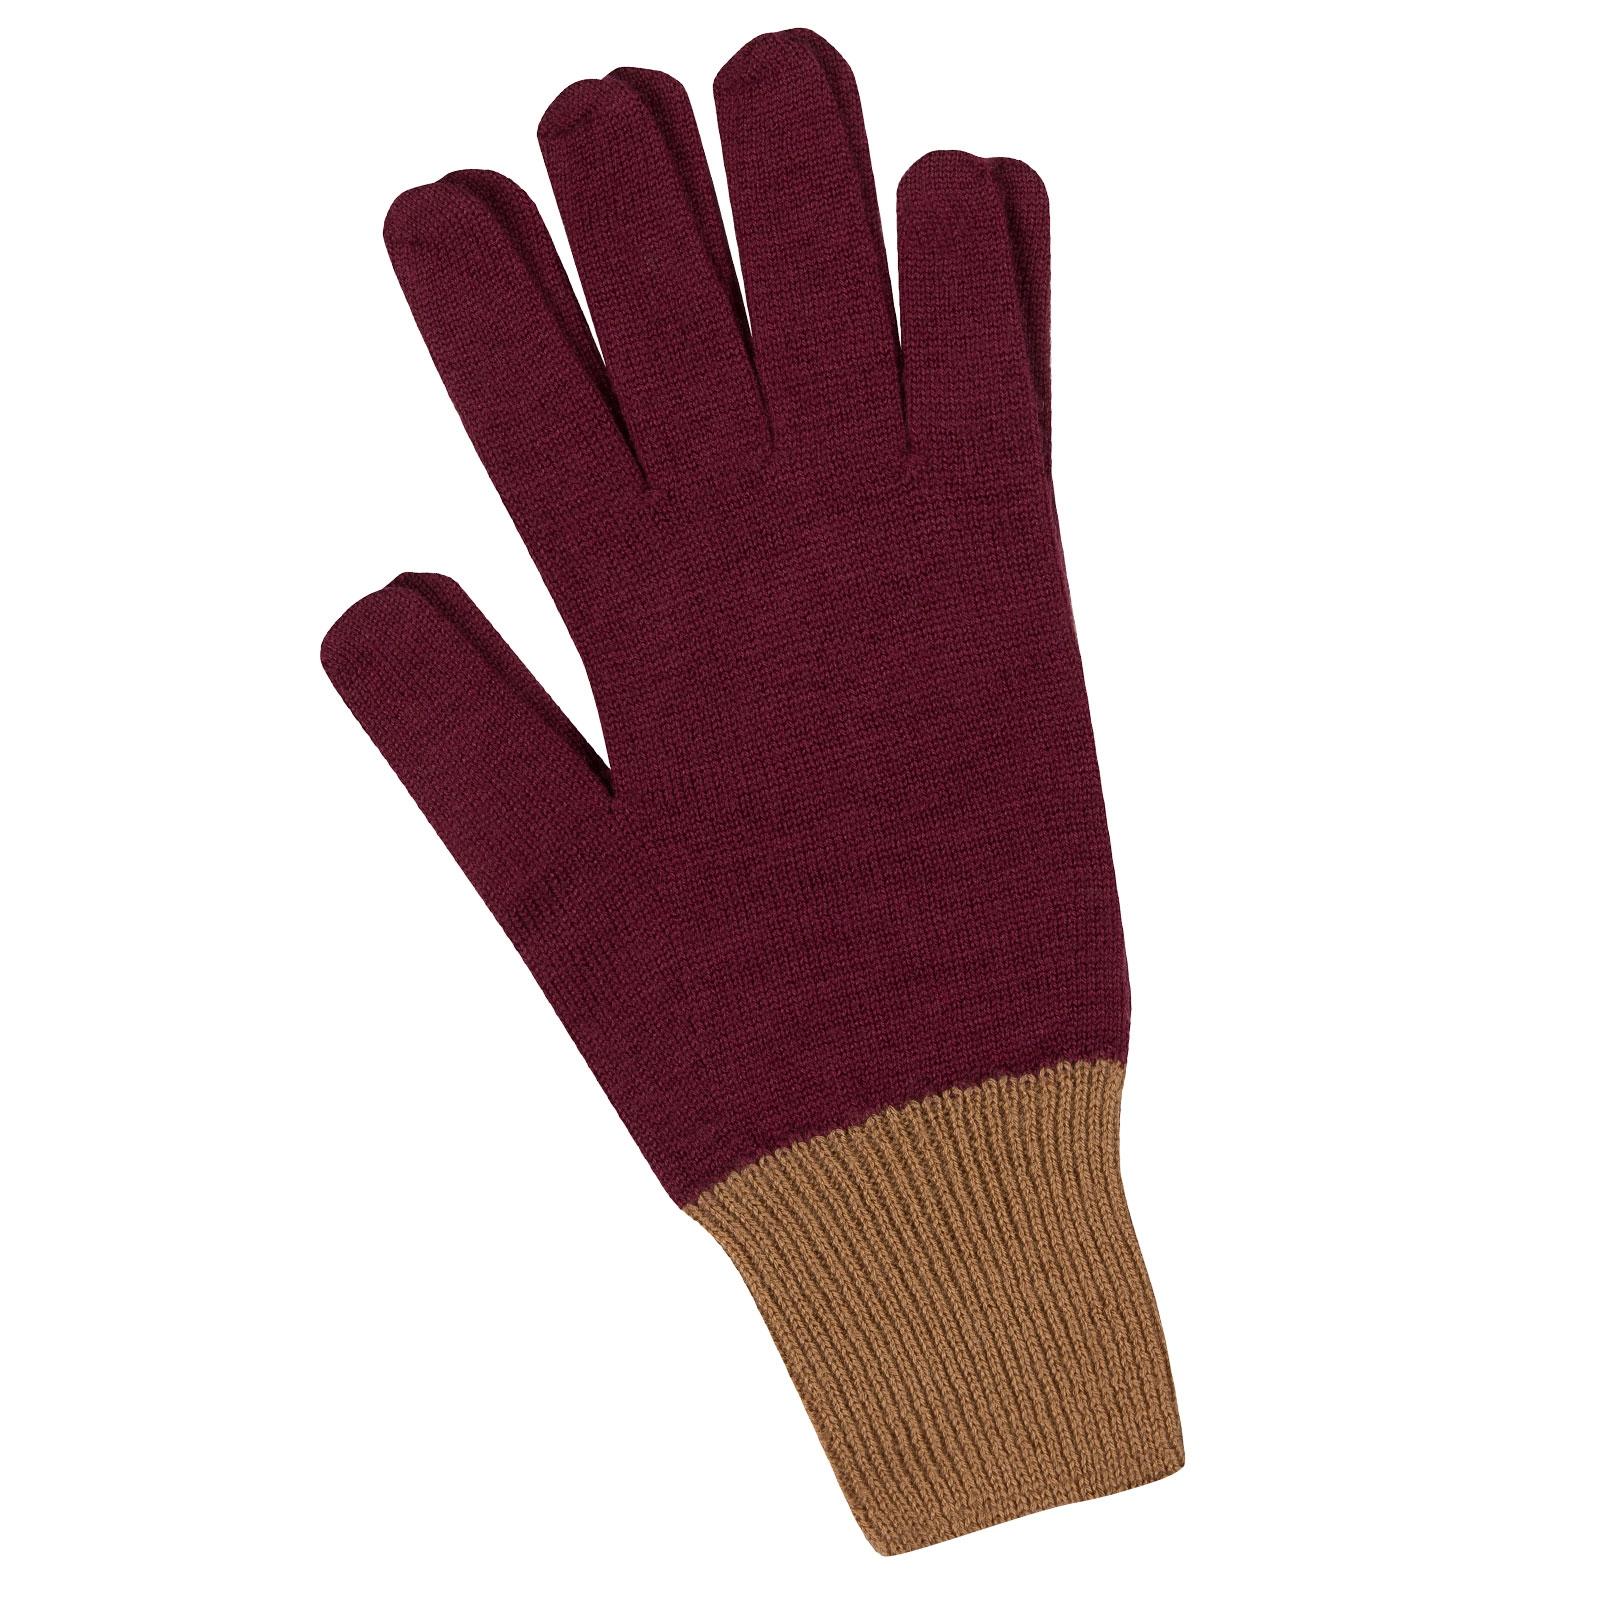 John Smedley Pasteur Merino Wool Gloves in Bordeaux-m/l